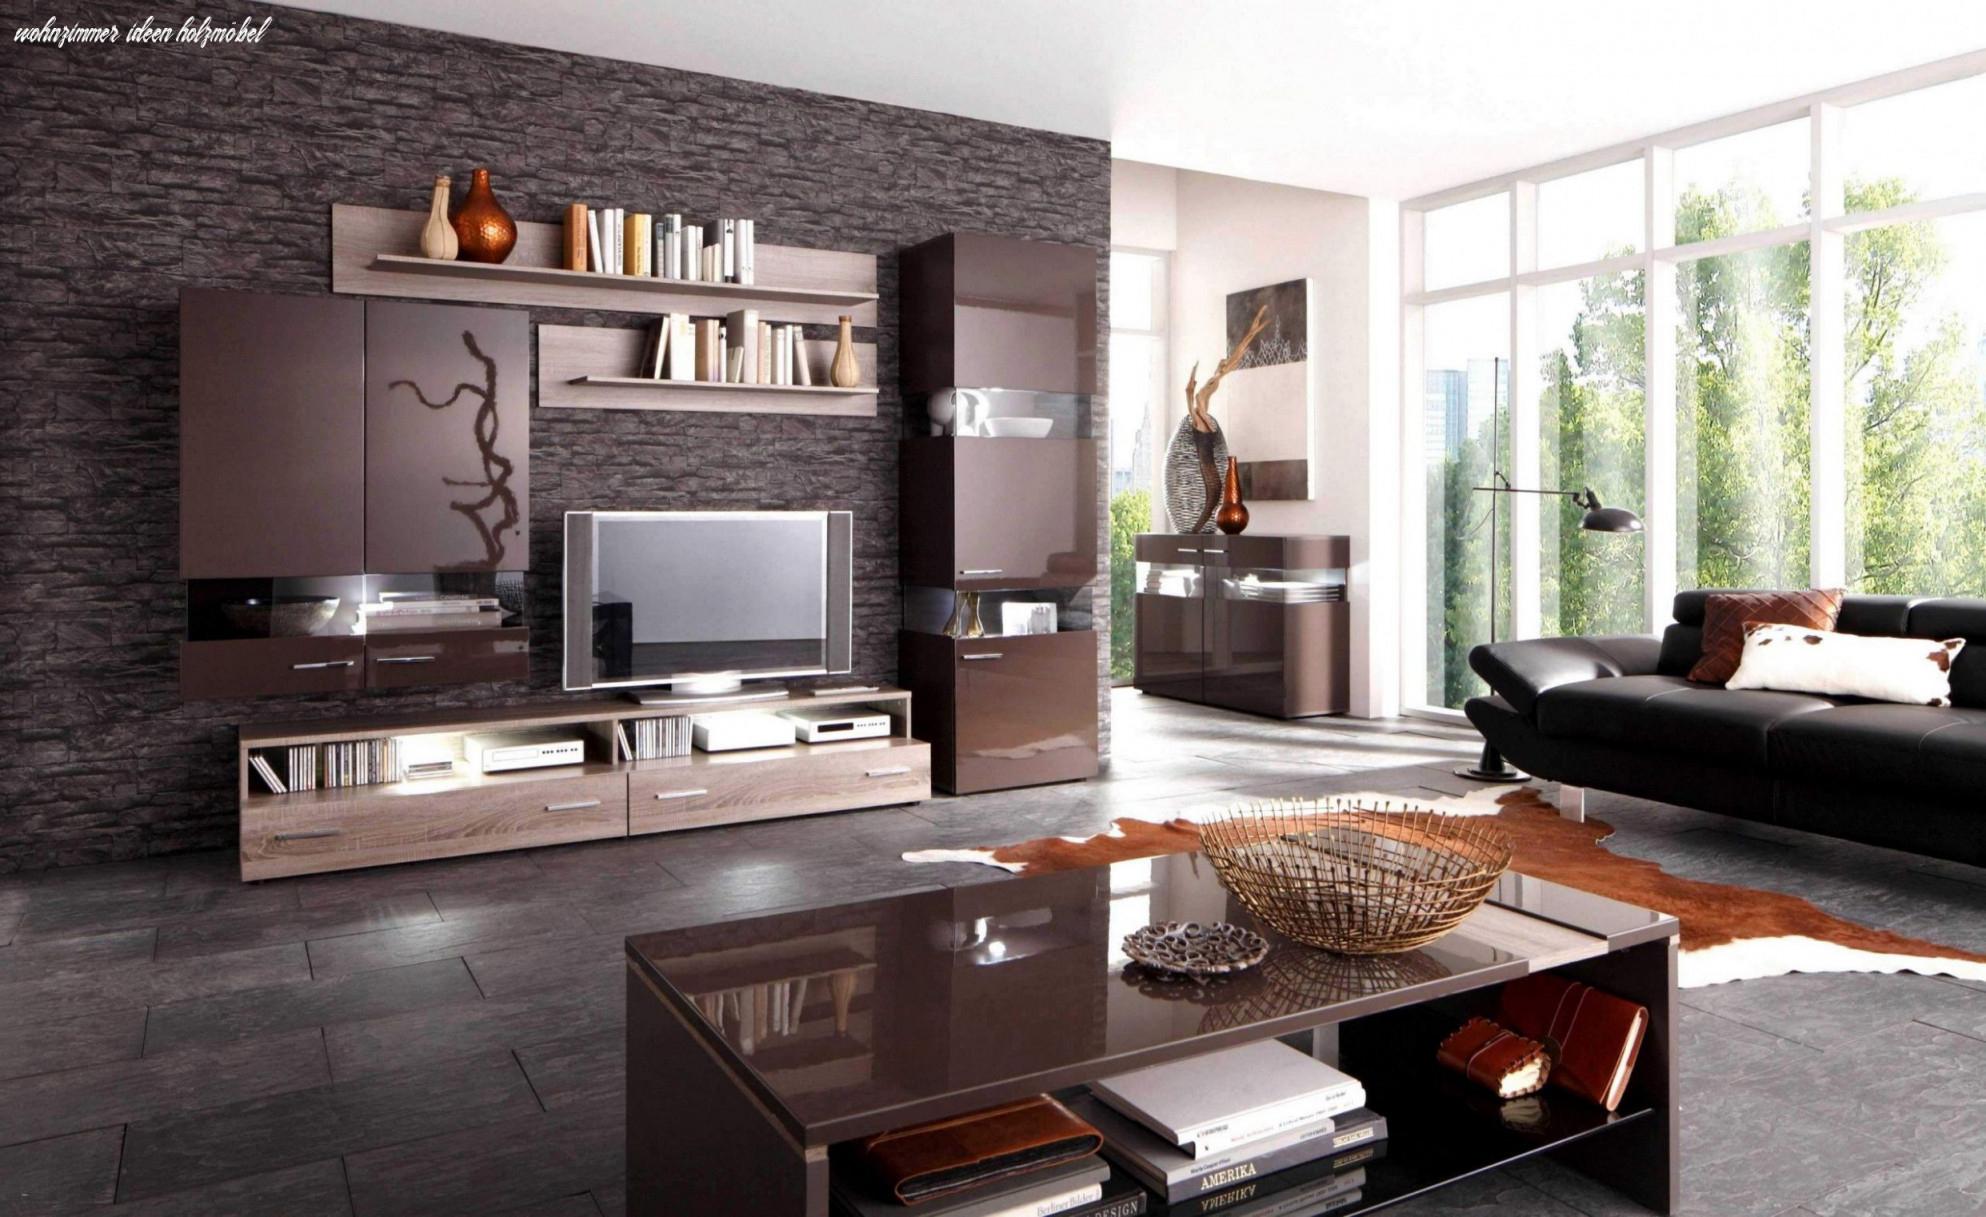 5 Lektionen Die Ich Von Wohnzimmer Ideen Holzmöbel Gelernt von Wohnzimmer Ideen Holzmöbel Photo